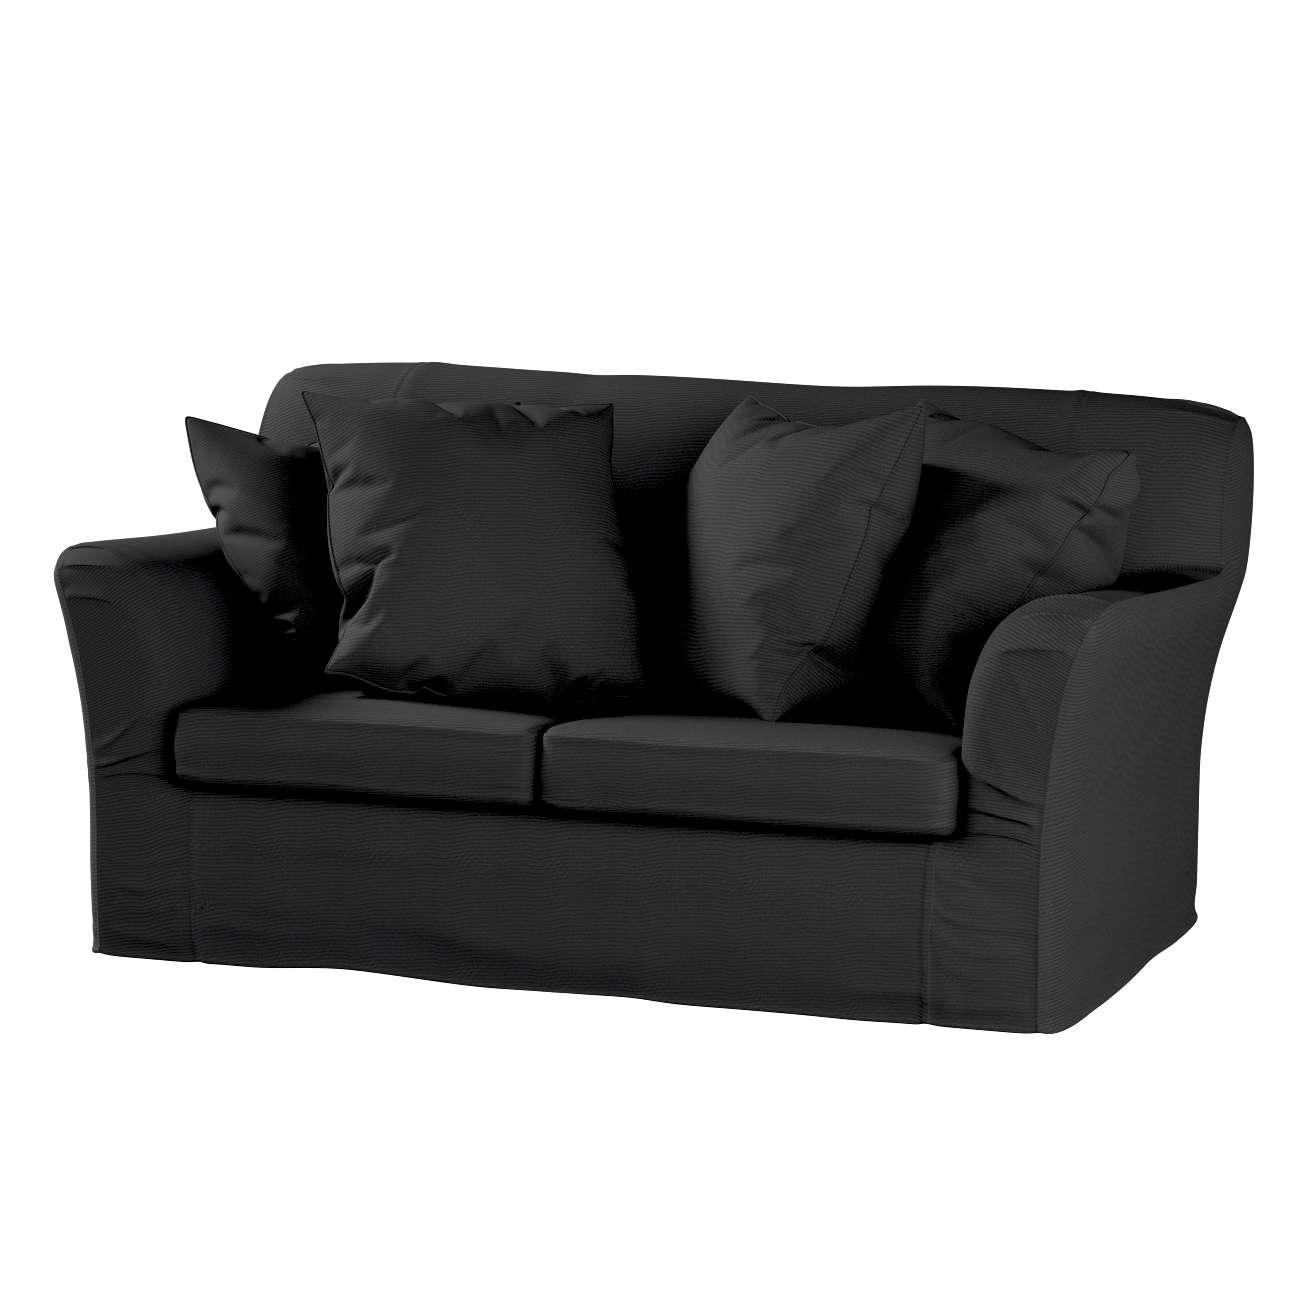 Tomelilla 2-Sitzer Sofabezug nicht ausklappbar Sofahusse, Tomelilla 2-Sitzer von der Kollektion Etna, Stoff: 705-00